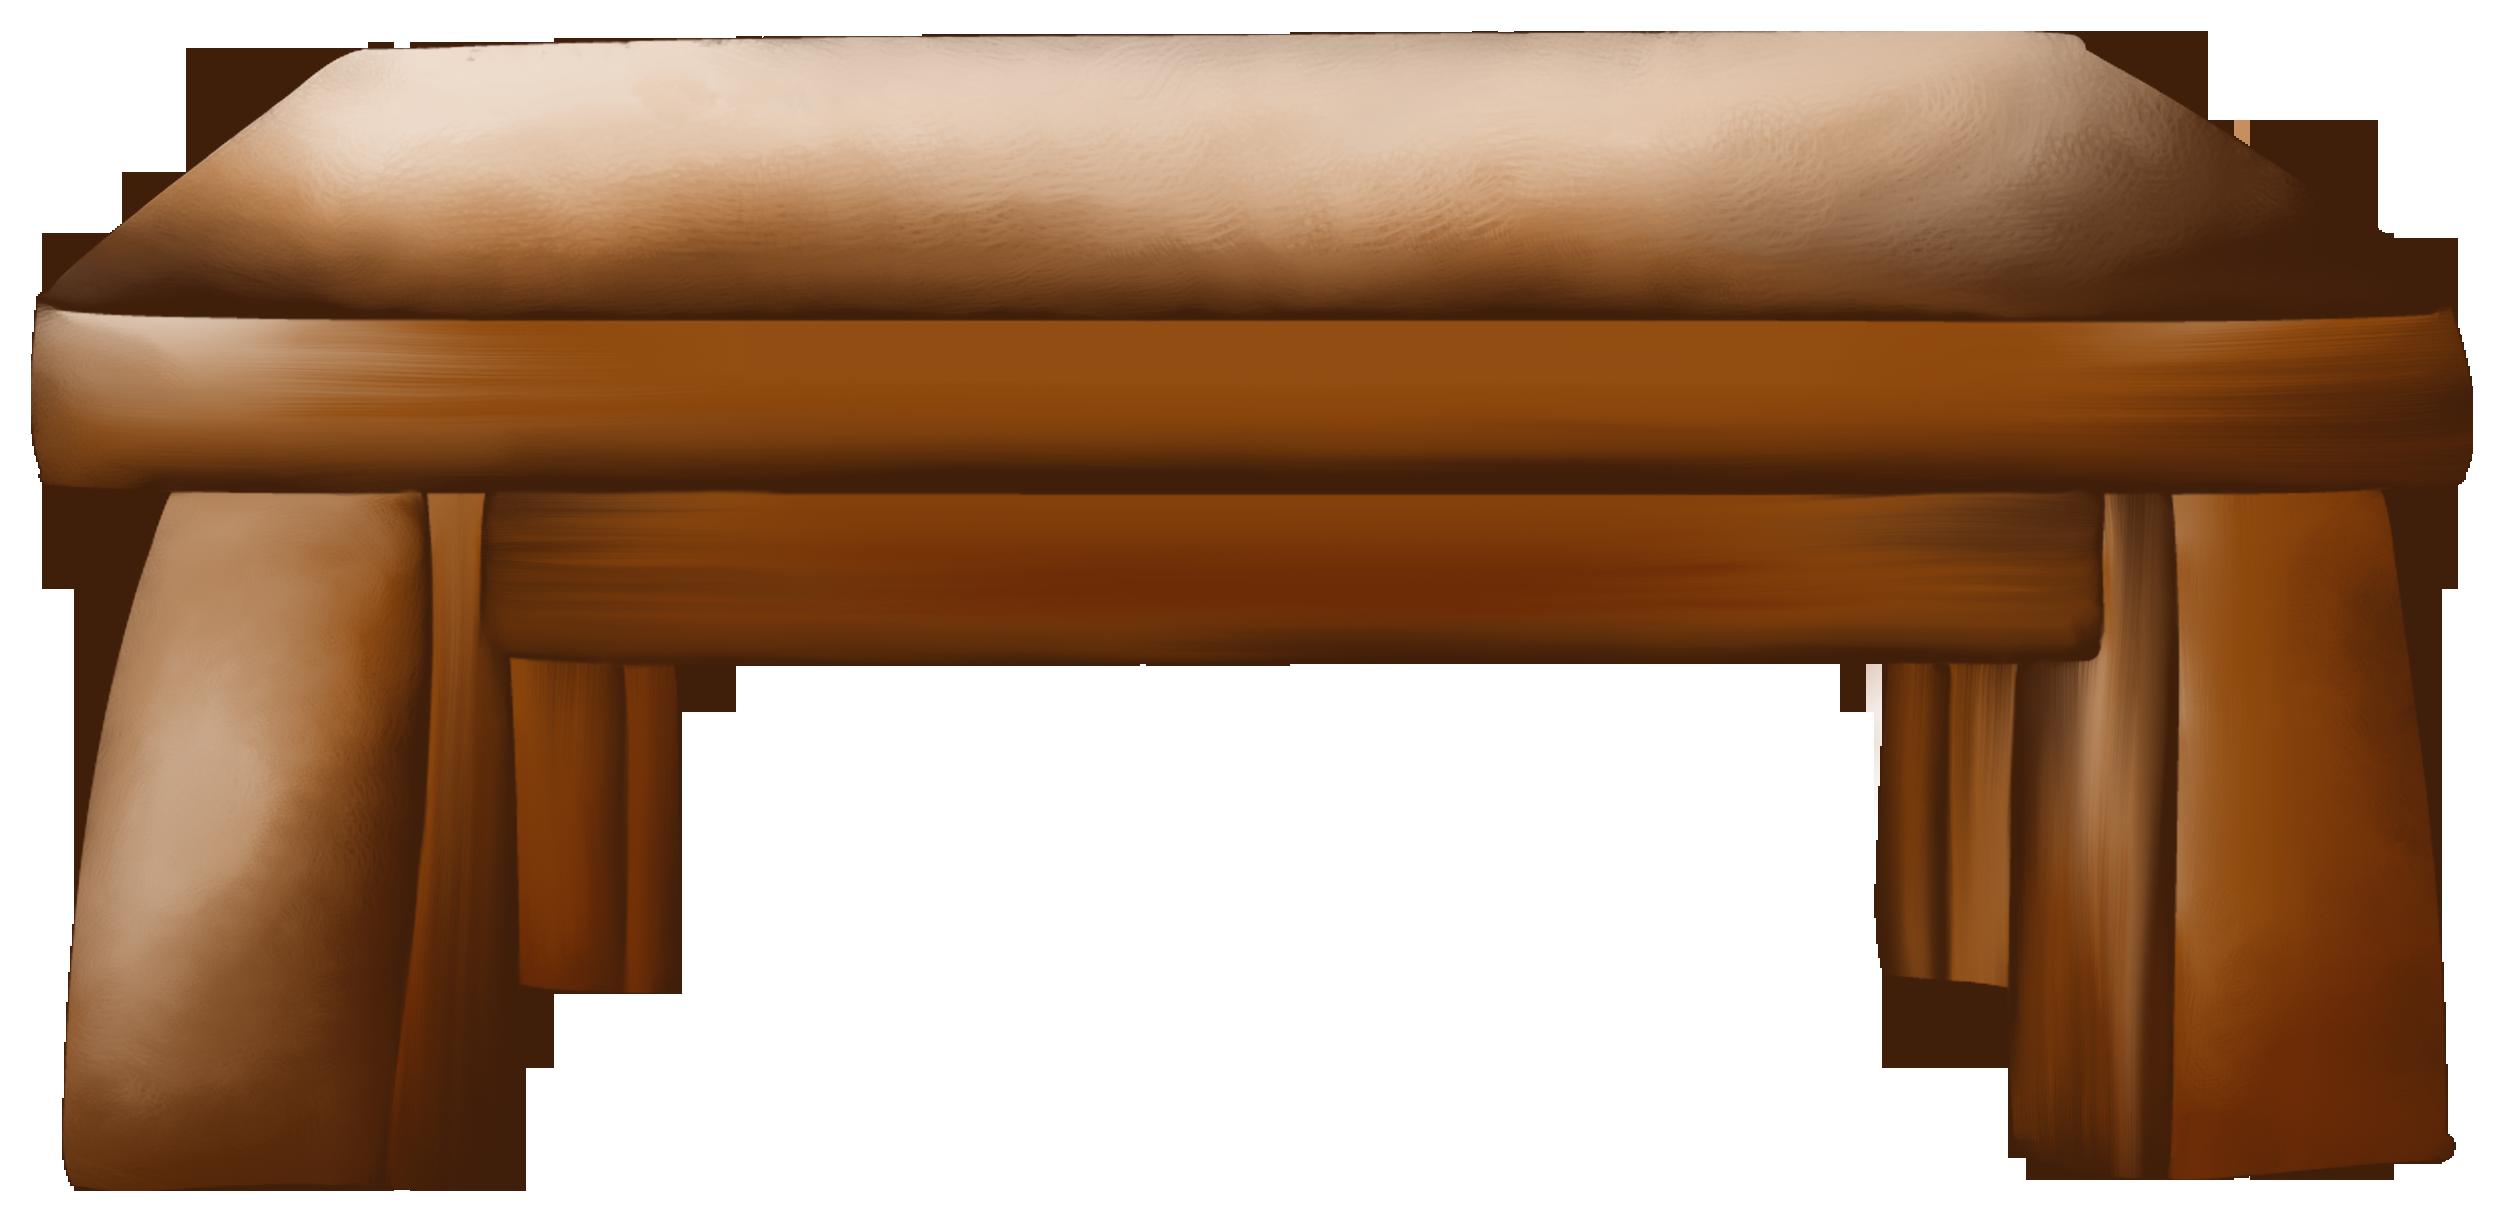 Imágenes infantiles- mesa marrón Vccappuccettoel32